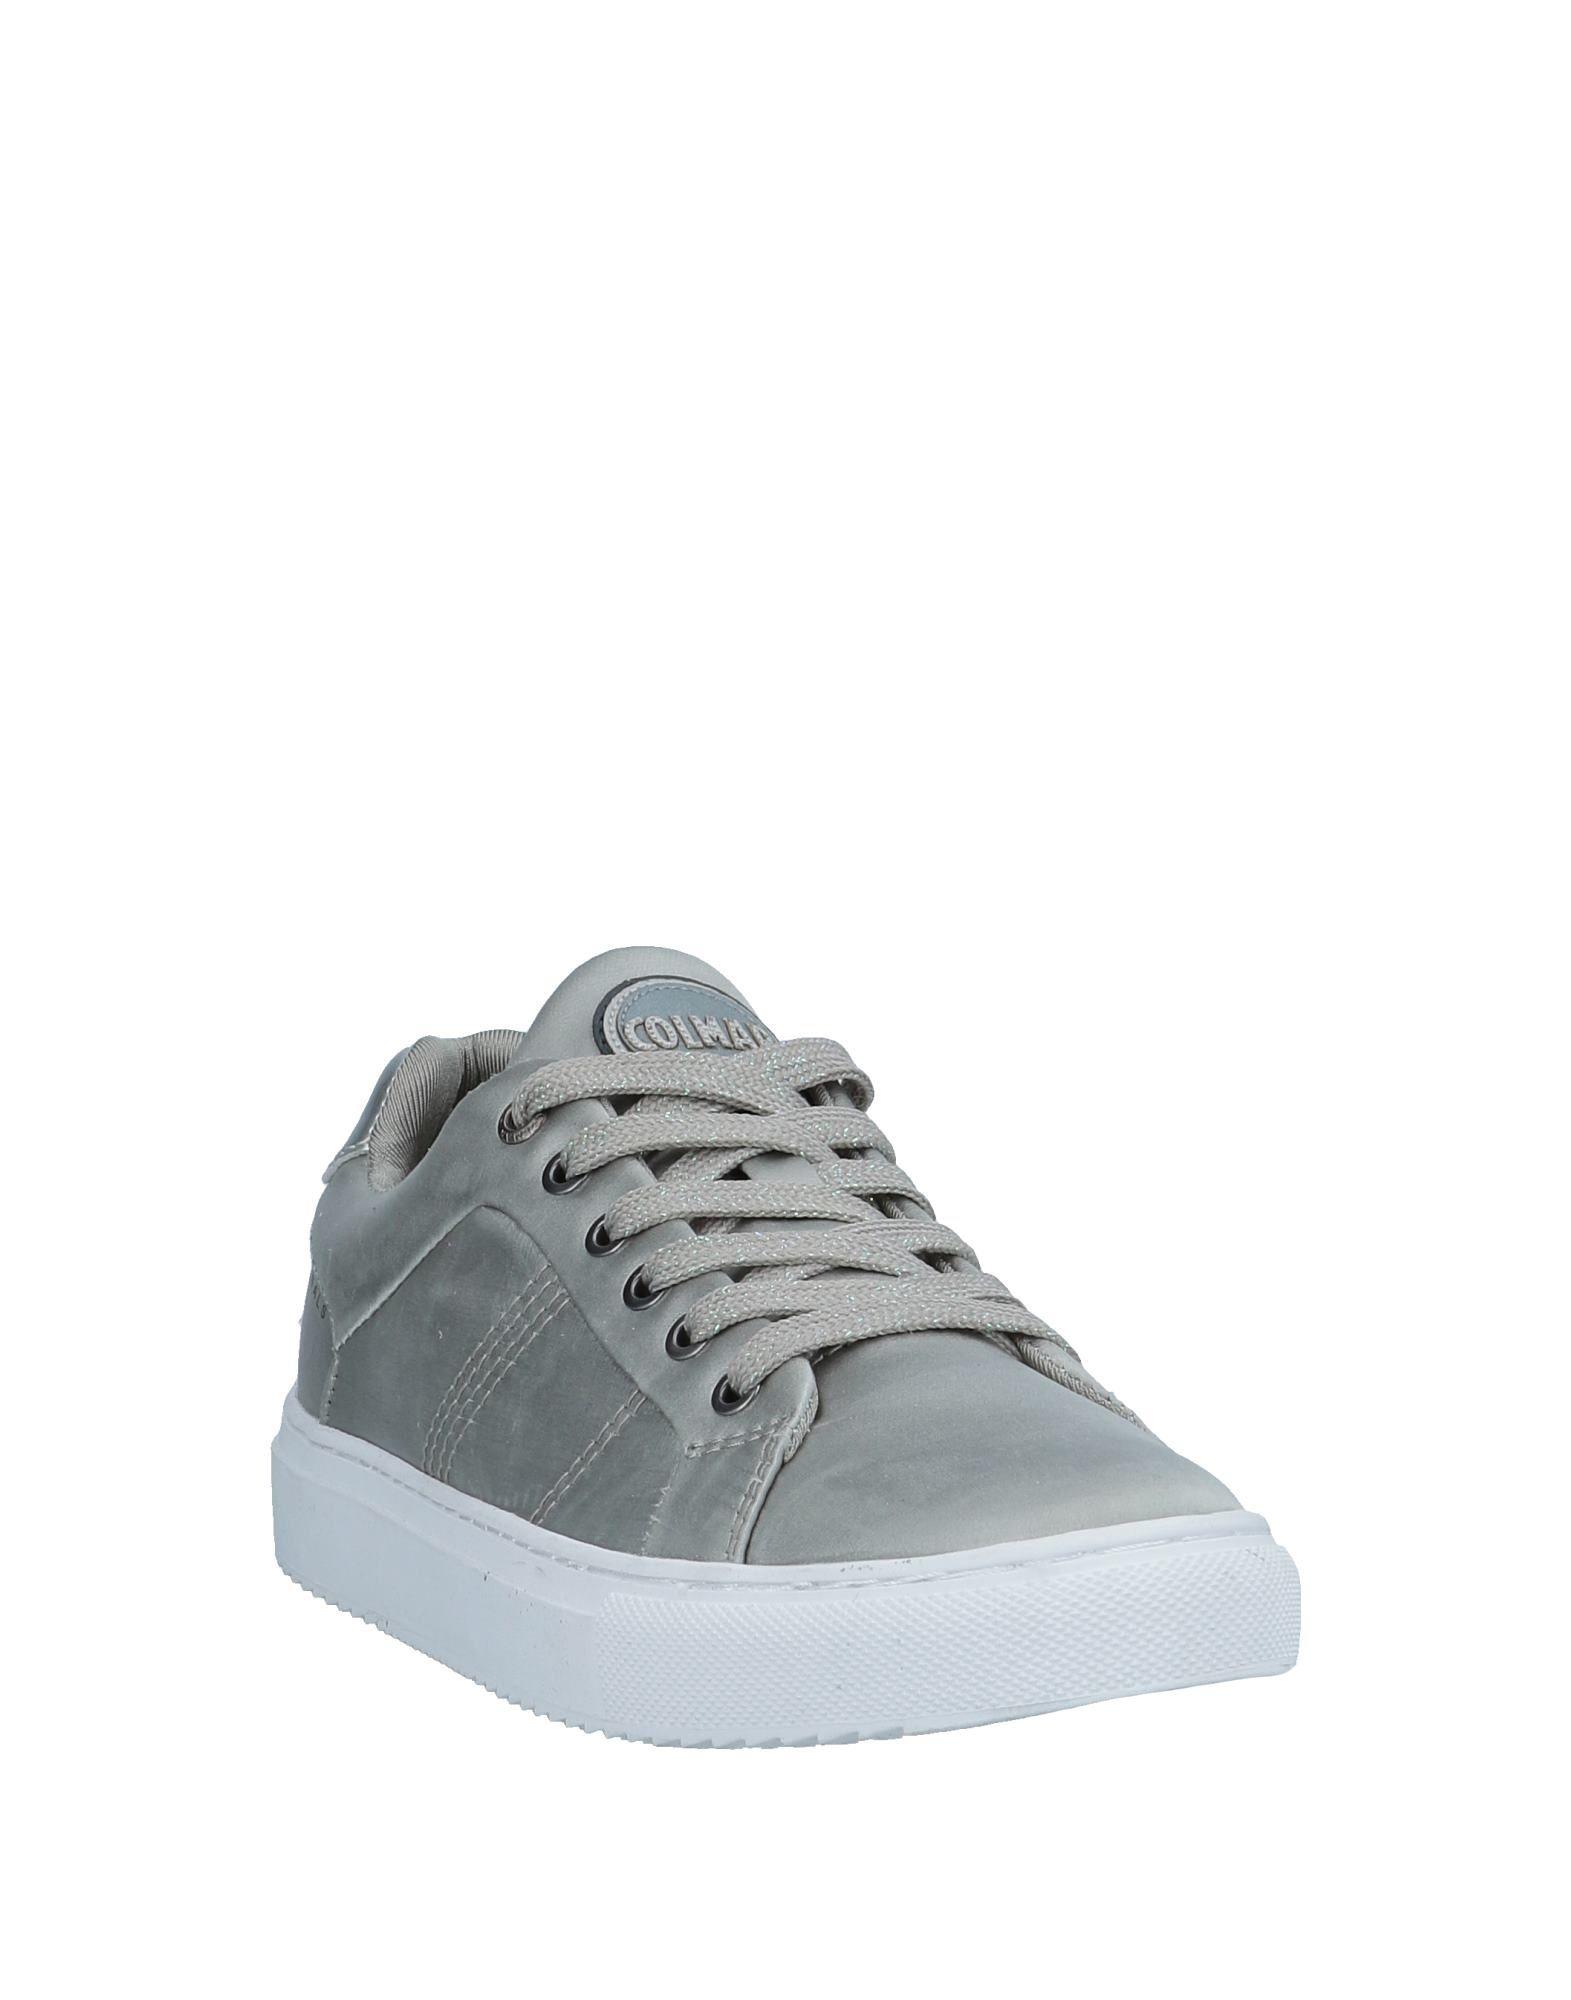 Colmar Sneakers Damen  Schuhe 11553378KH Gute Qualität beliebte Schuhe  ffdd22